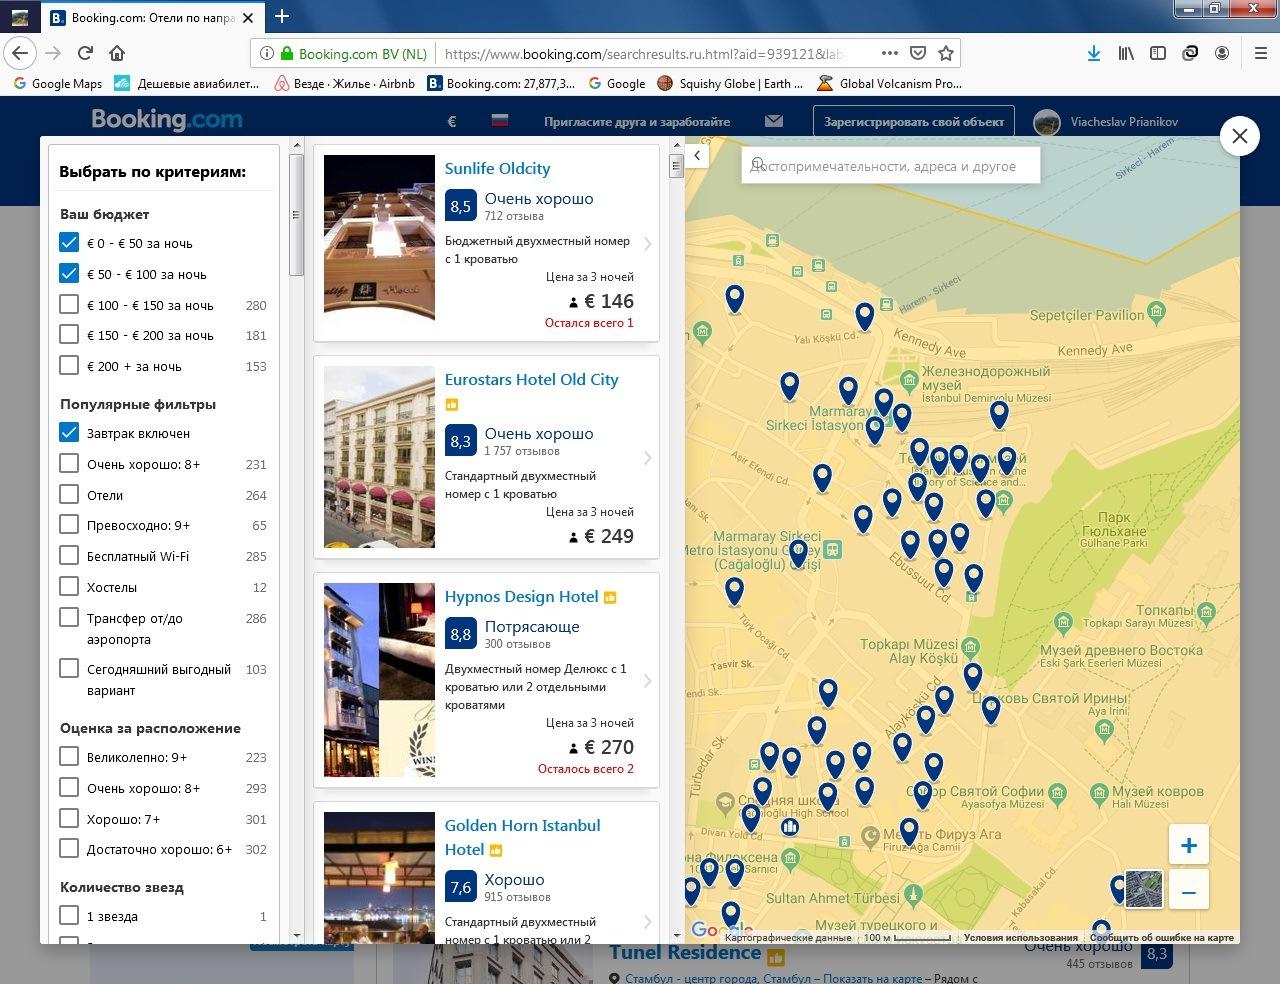 бронировать отель на booking, бронирование на карте